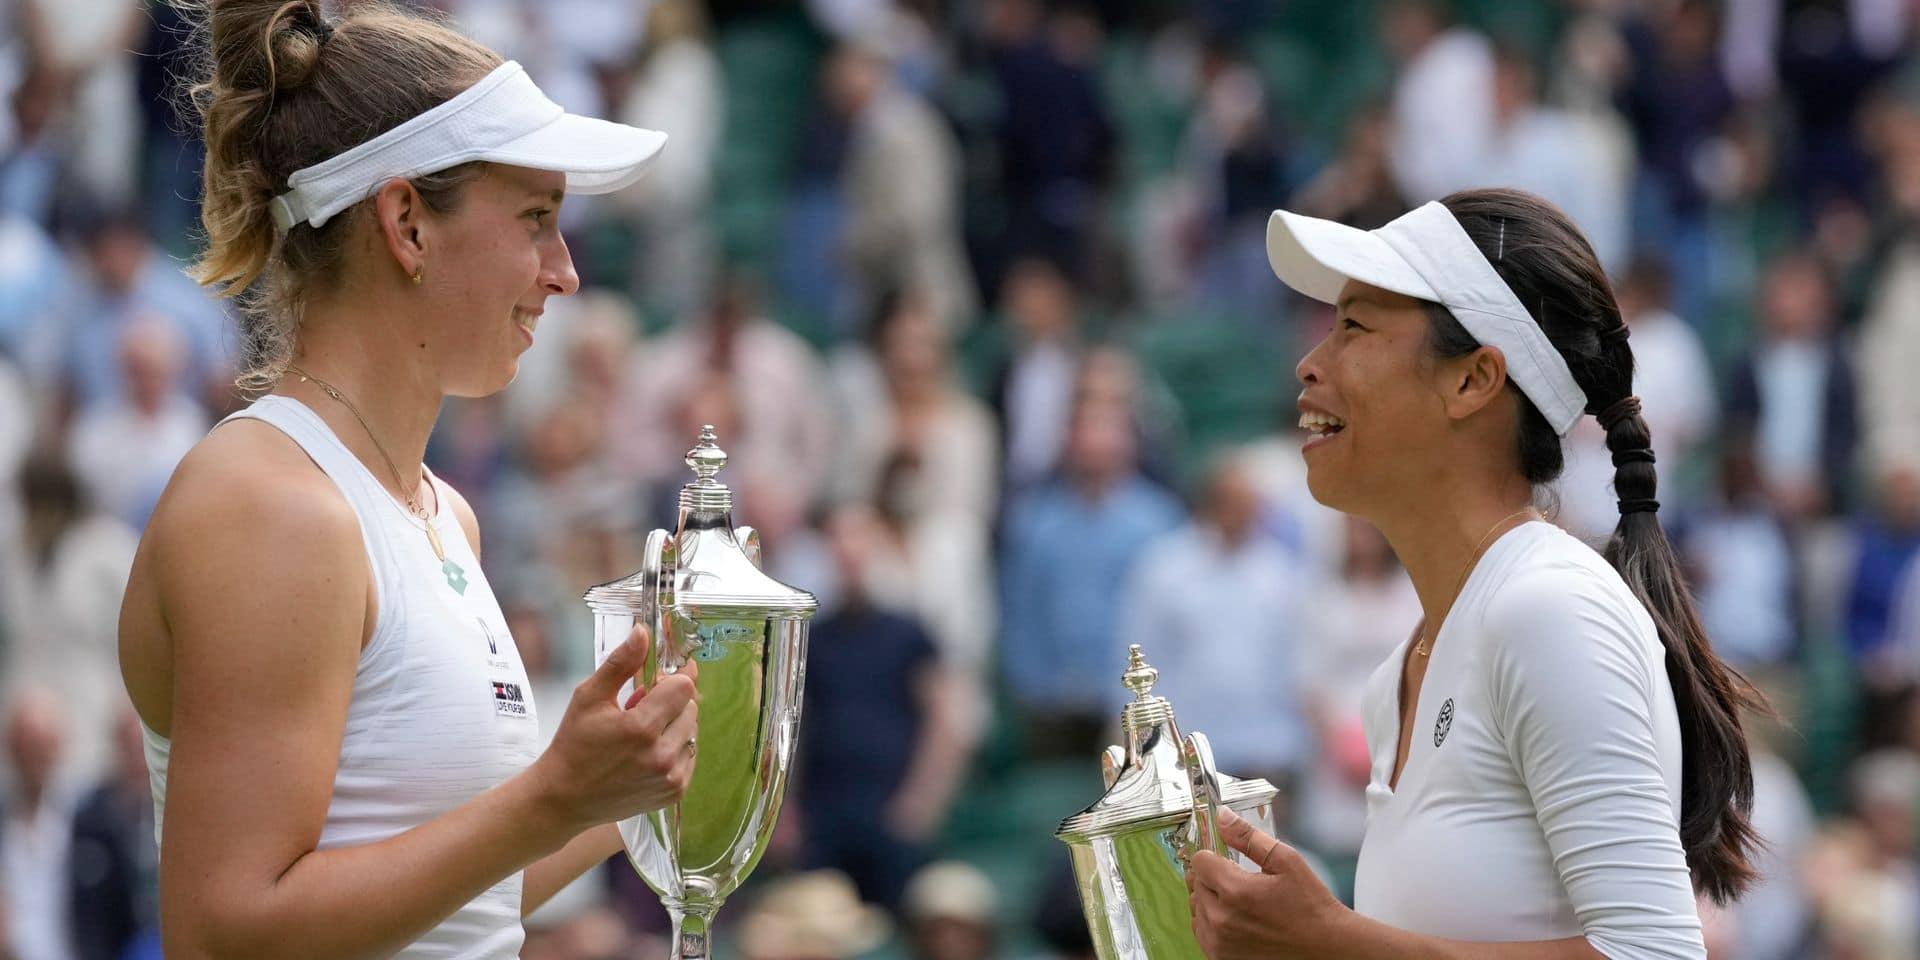 Elise Mertens, avec Hsieh, remporte son troisième Grand Chelem après un match fou à Wimbledon